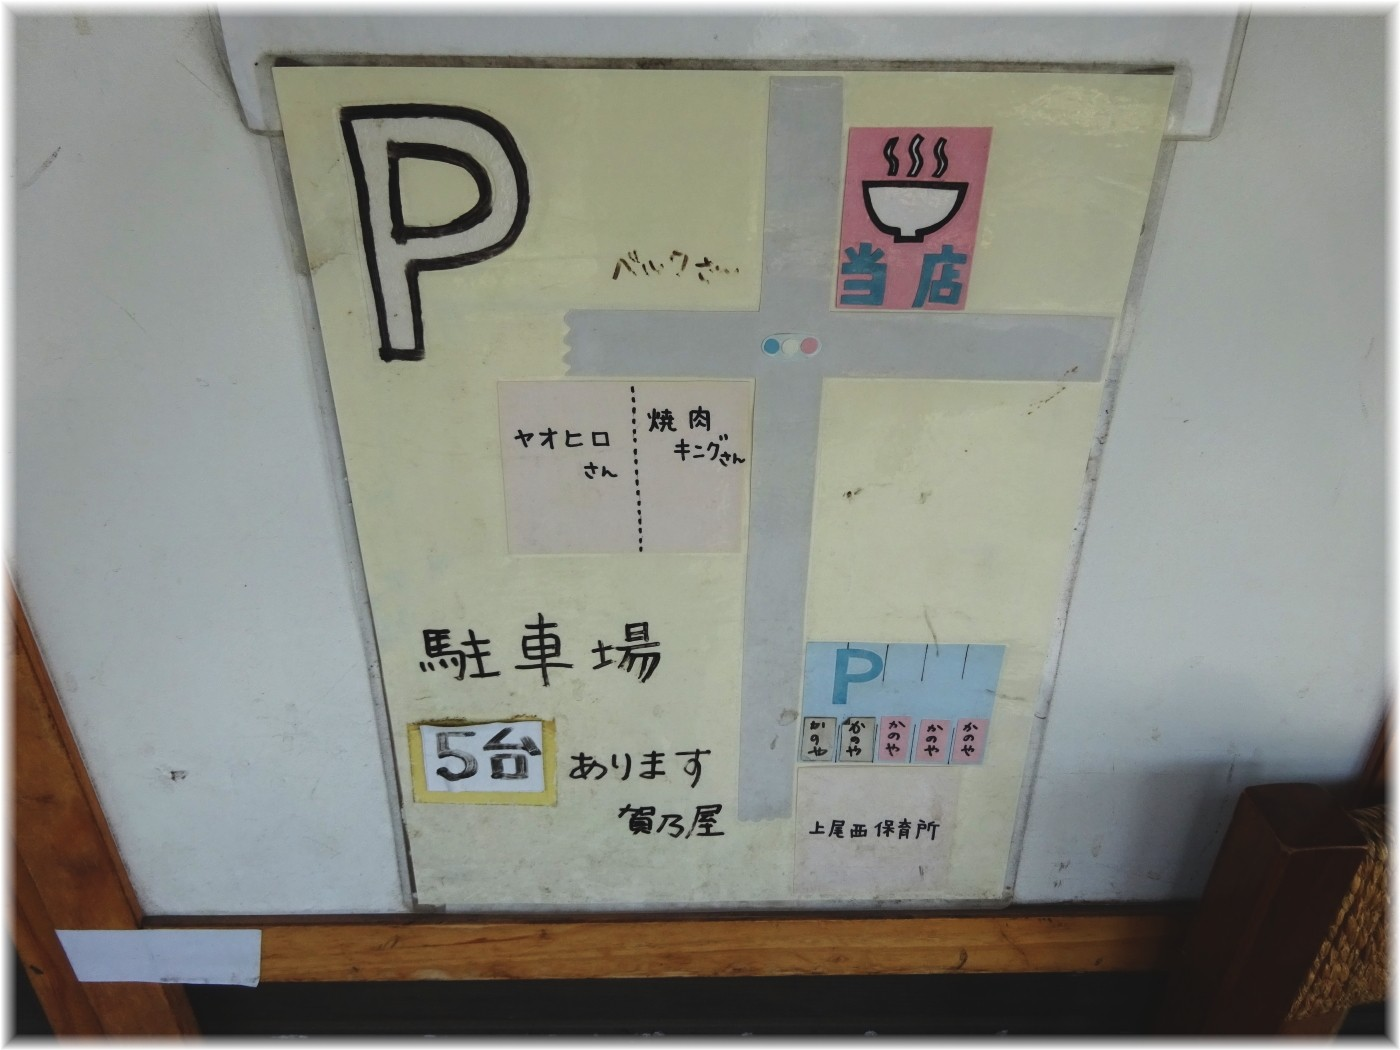 賀乃屋 駐車場案内図